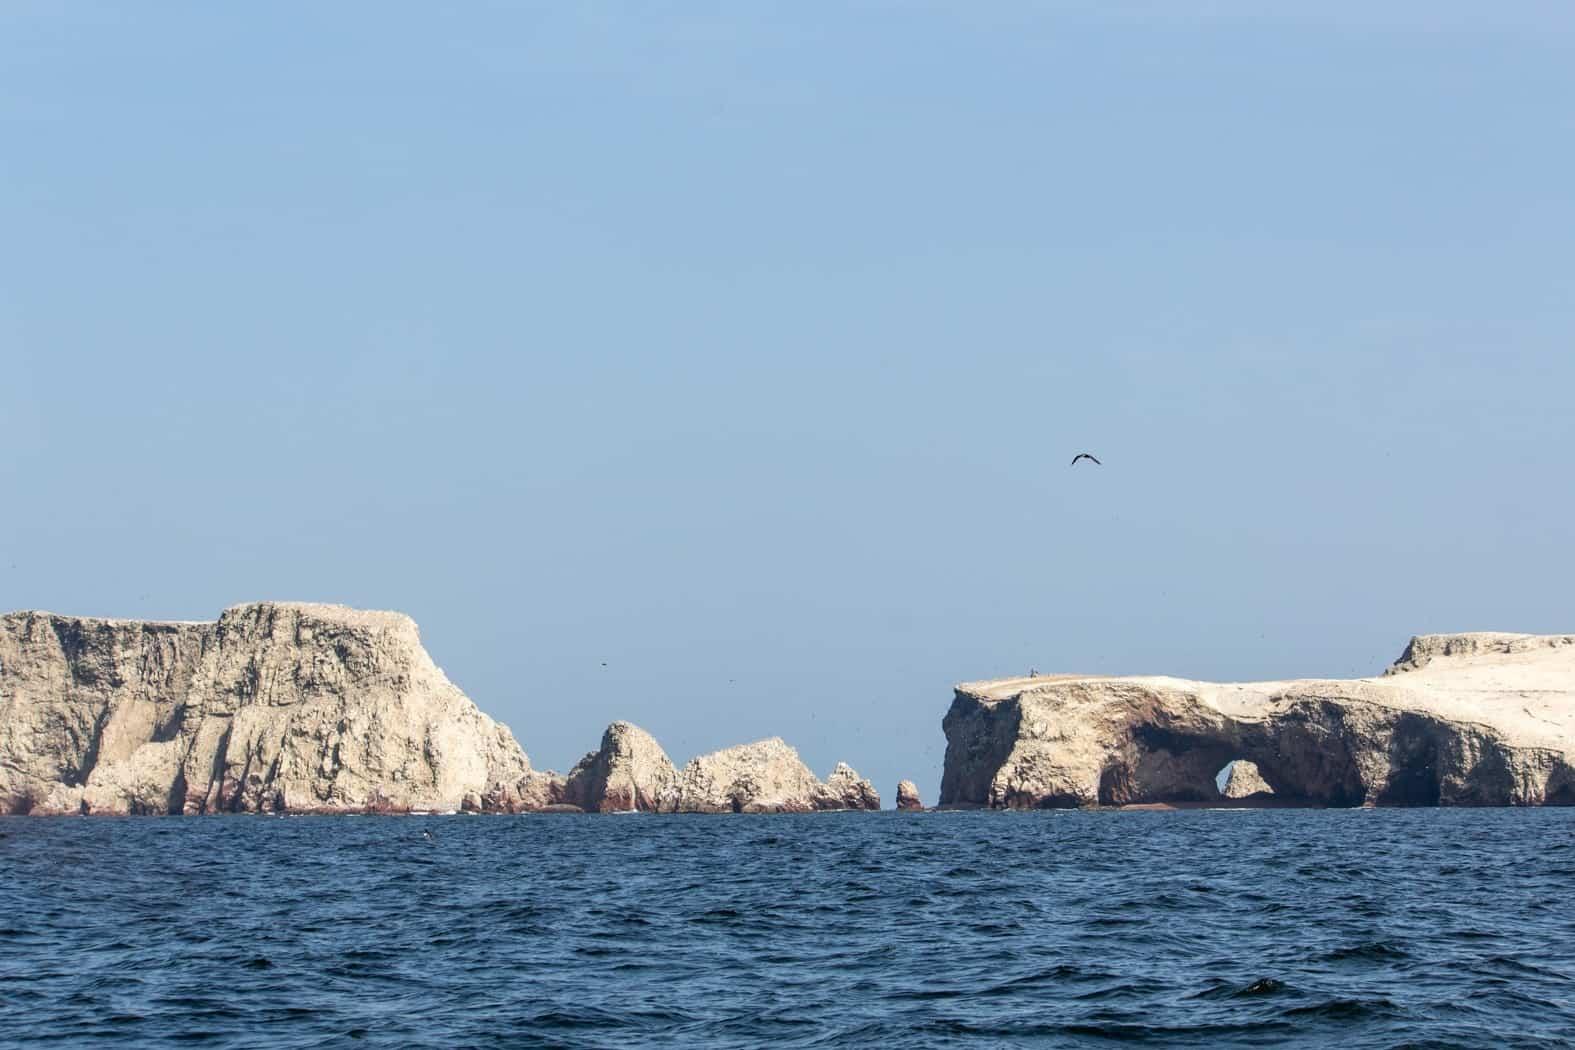 Islas-Ballestas-Paracas-8